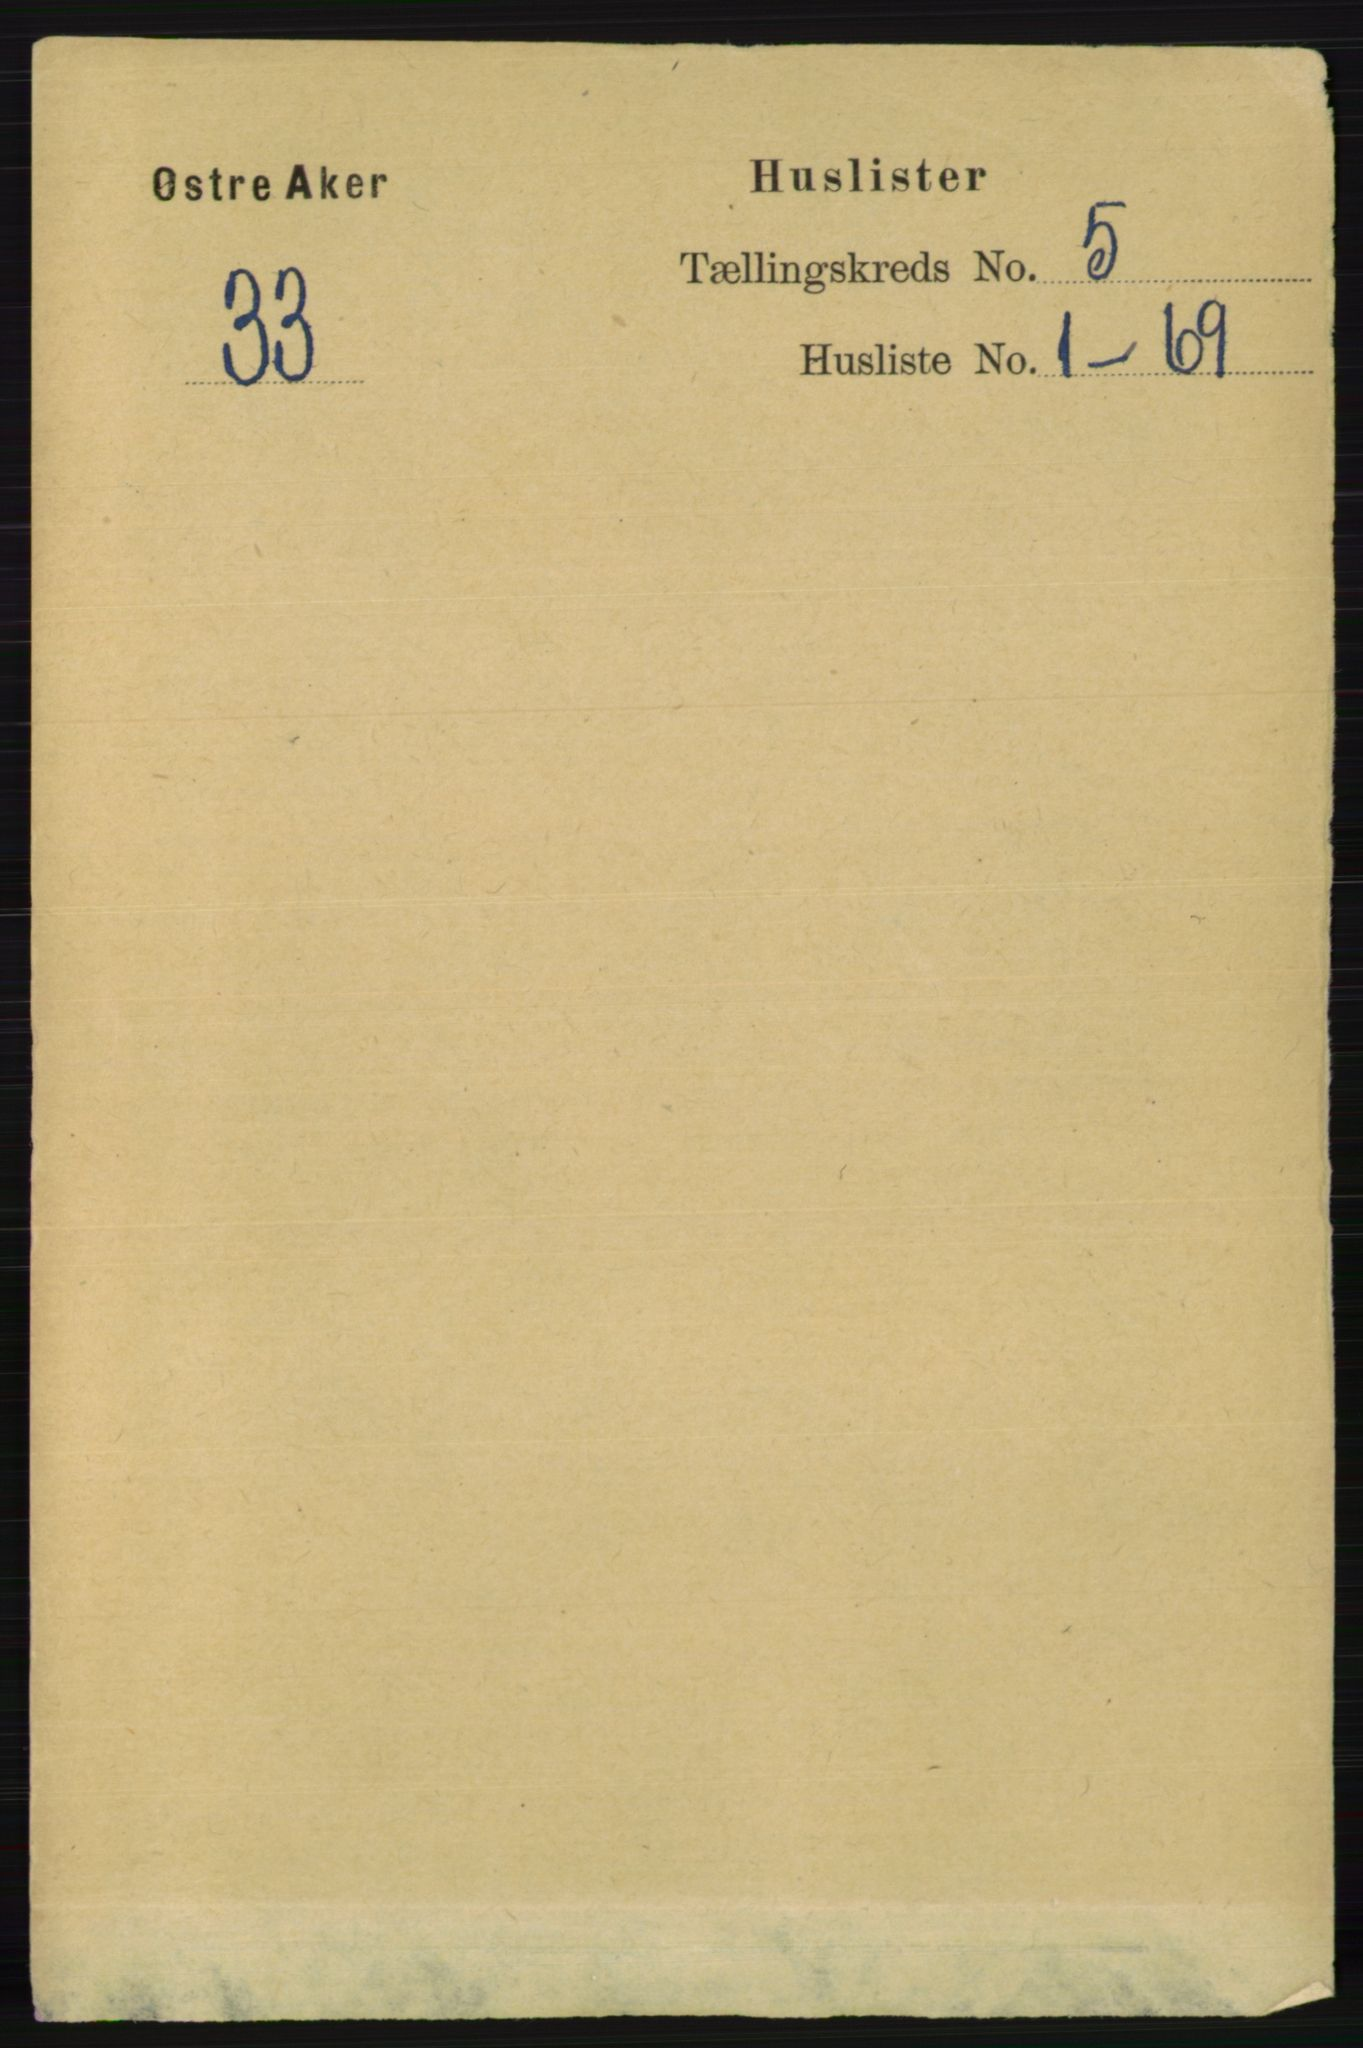 RA, Folketelling 1891 for 0218 Aker herred, 1891, s. 4890